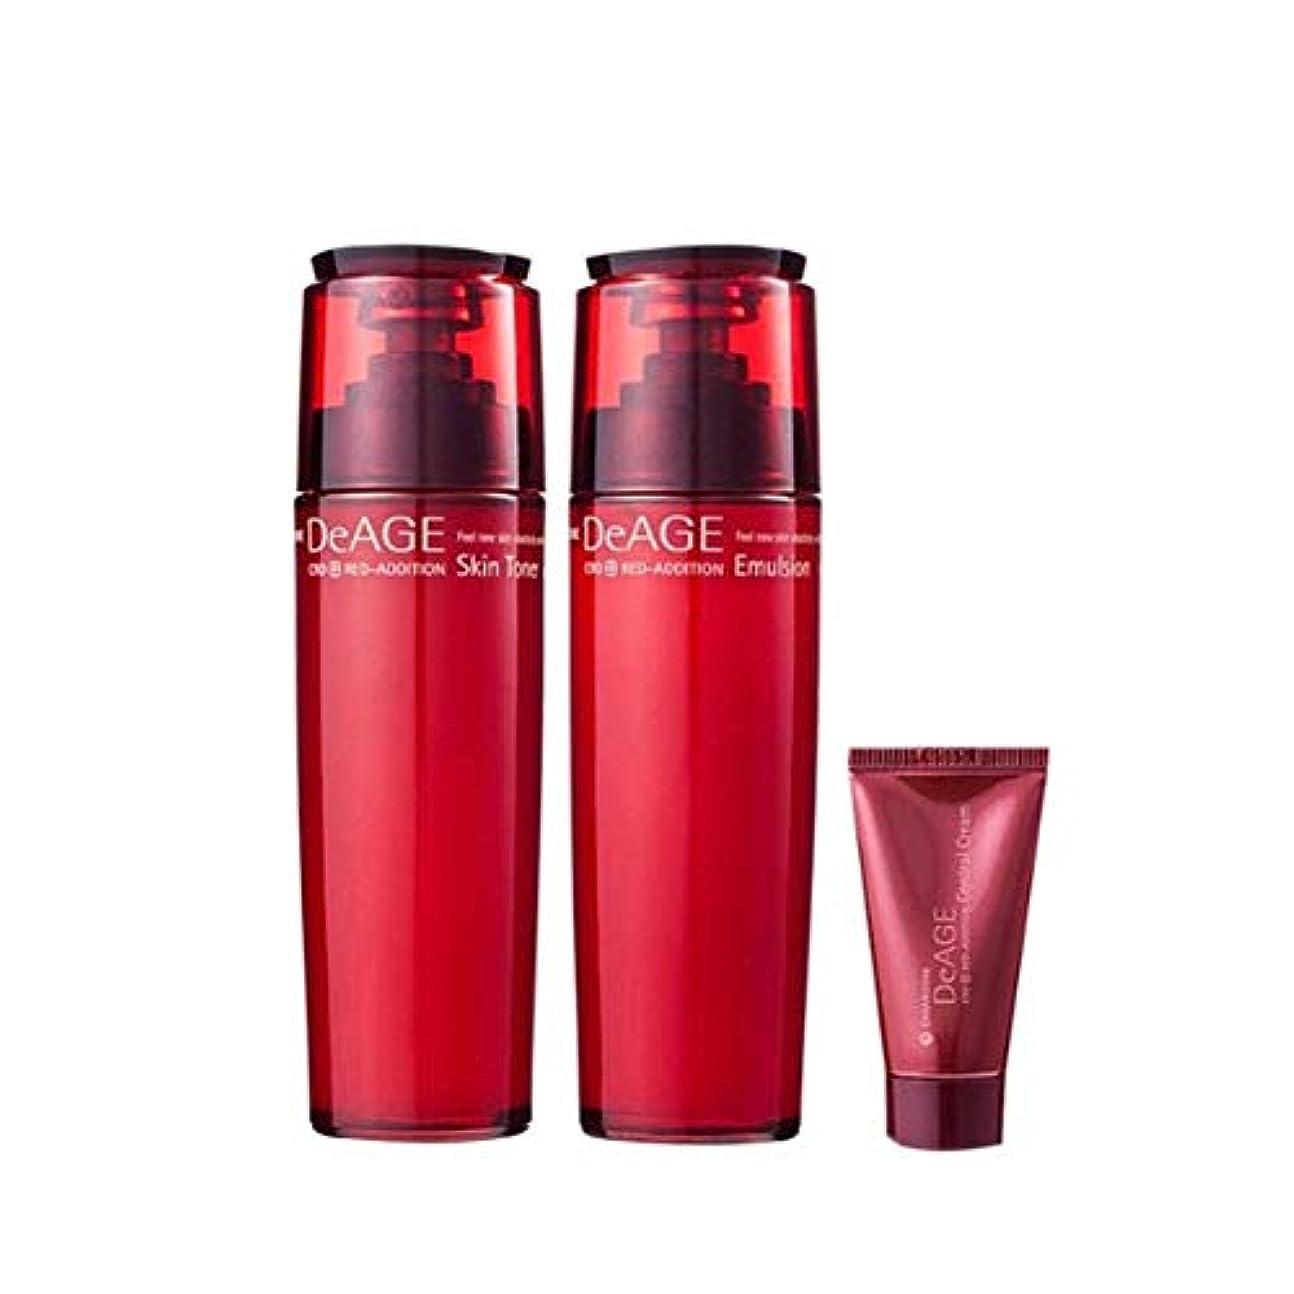 おばあさんするだろう視力チャムジョンディエイジレッドエディションセット(スキントナー130ml、エマルジョン130ml、コントロールクリーム15ml)、Charmzone DeAGE Red Addition Set(Skin Toner 130ml...